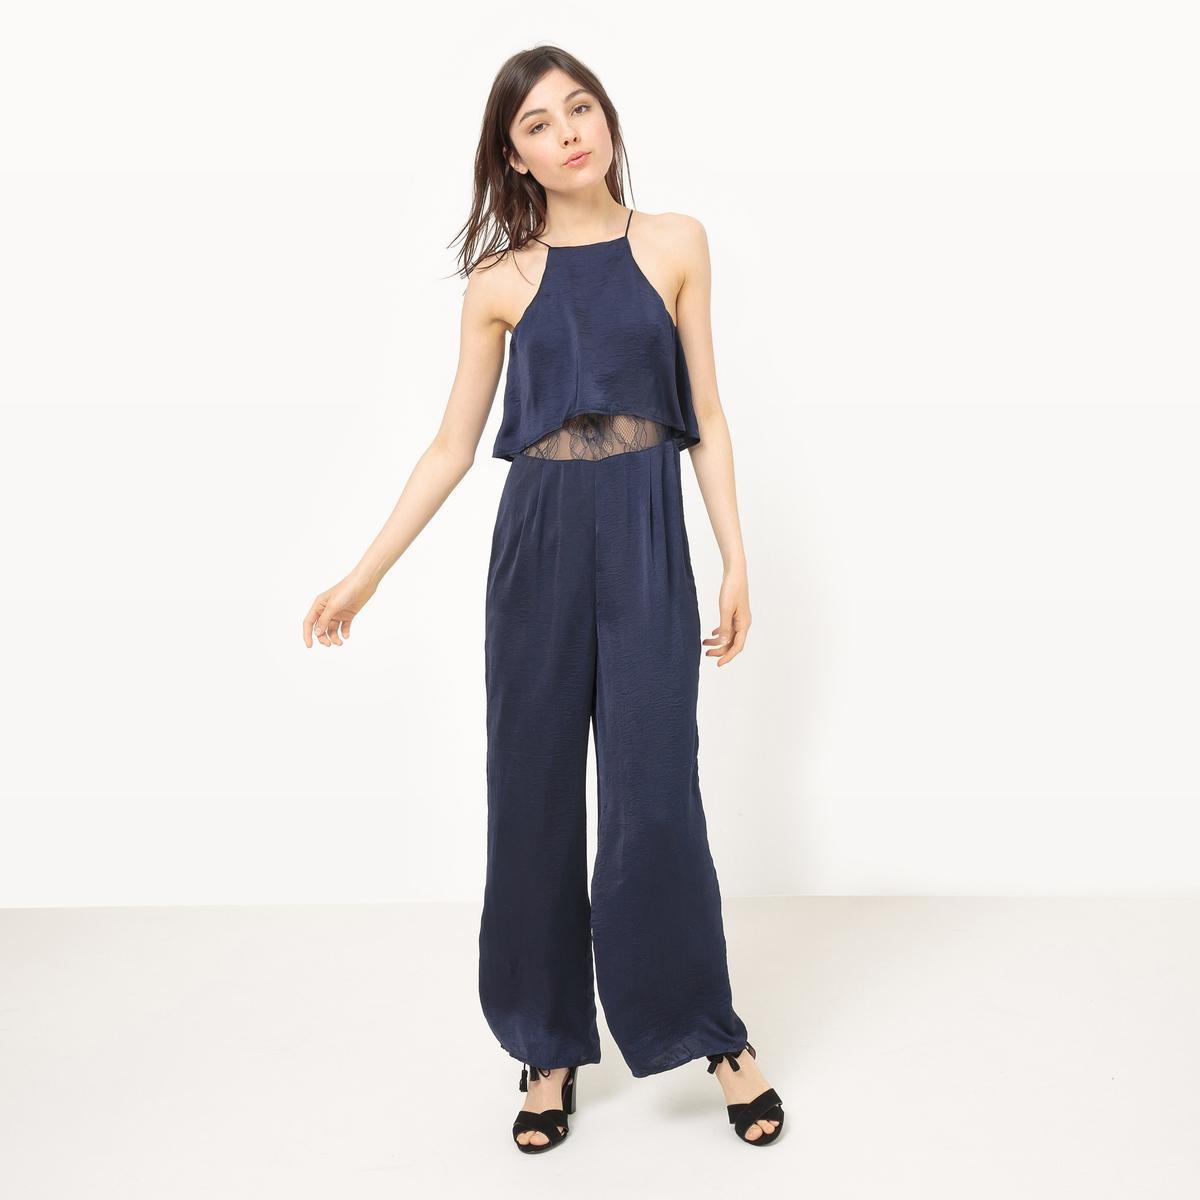 Комбинезон с широкими брюками, кружевной верхМатериал : 100% полиэстер Покрой комбинезона : Свободный, широкий  Тип комбинезона : комбинезон с брюками. Особенности : Кружево<br><br>Цвет: темно-синий